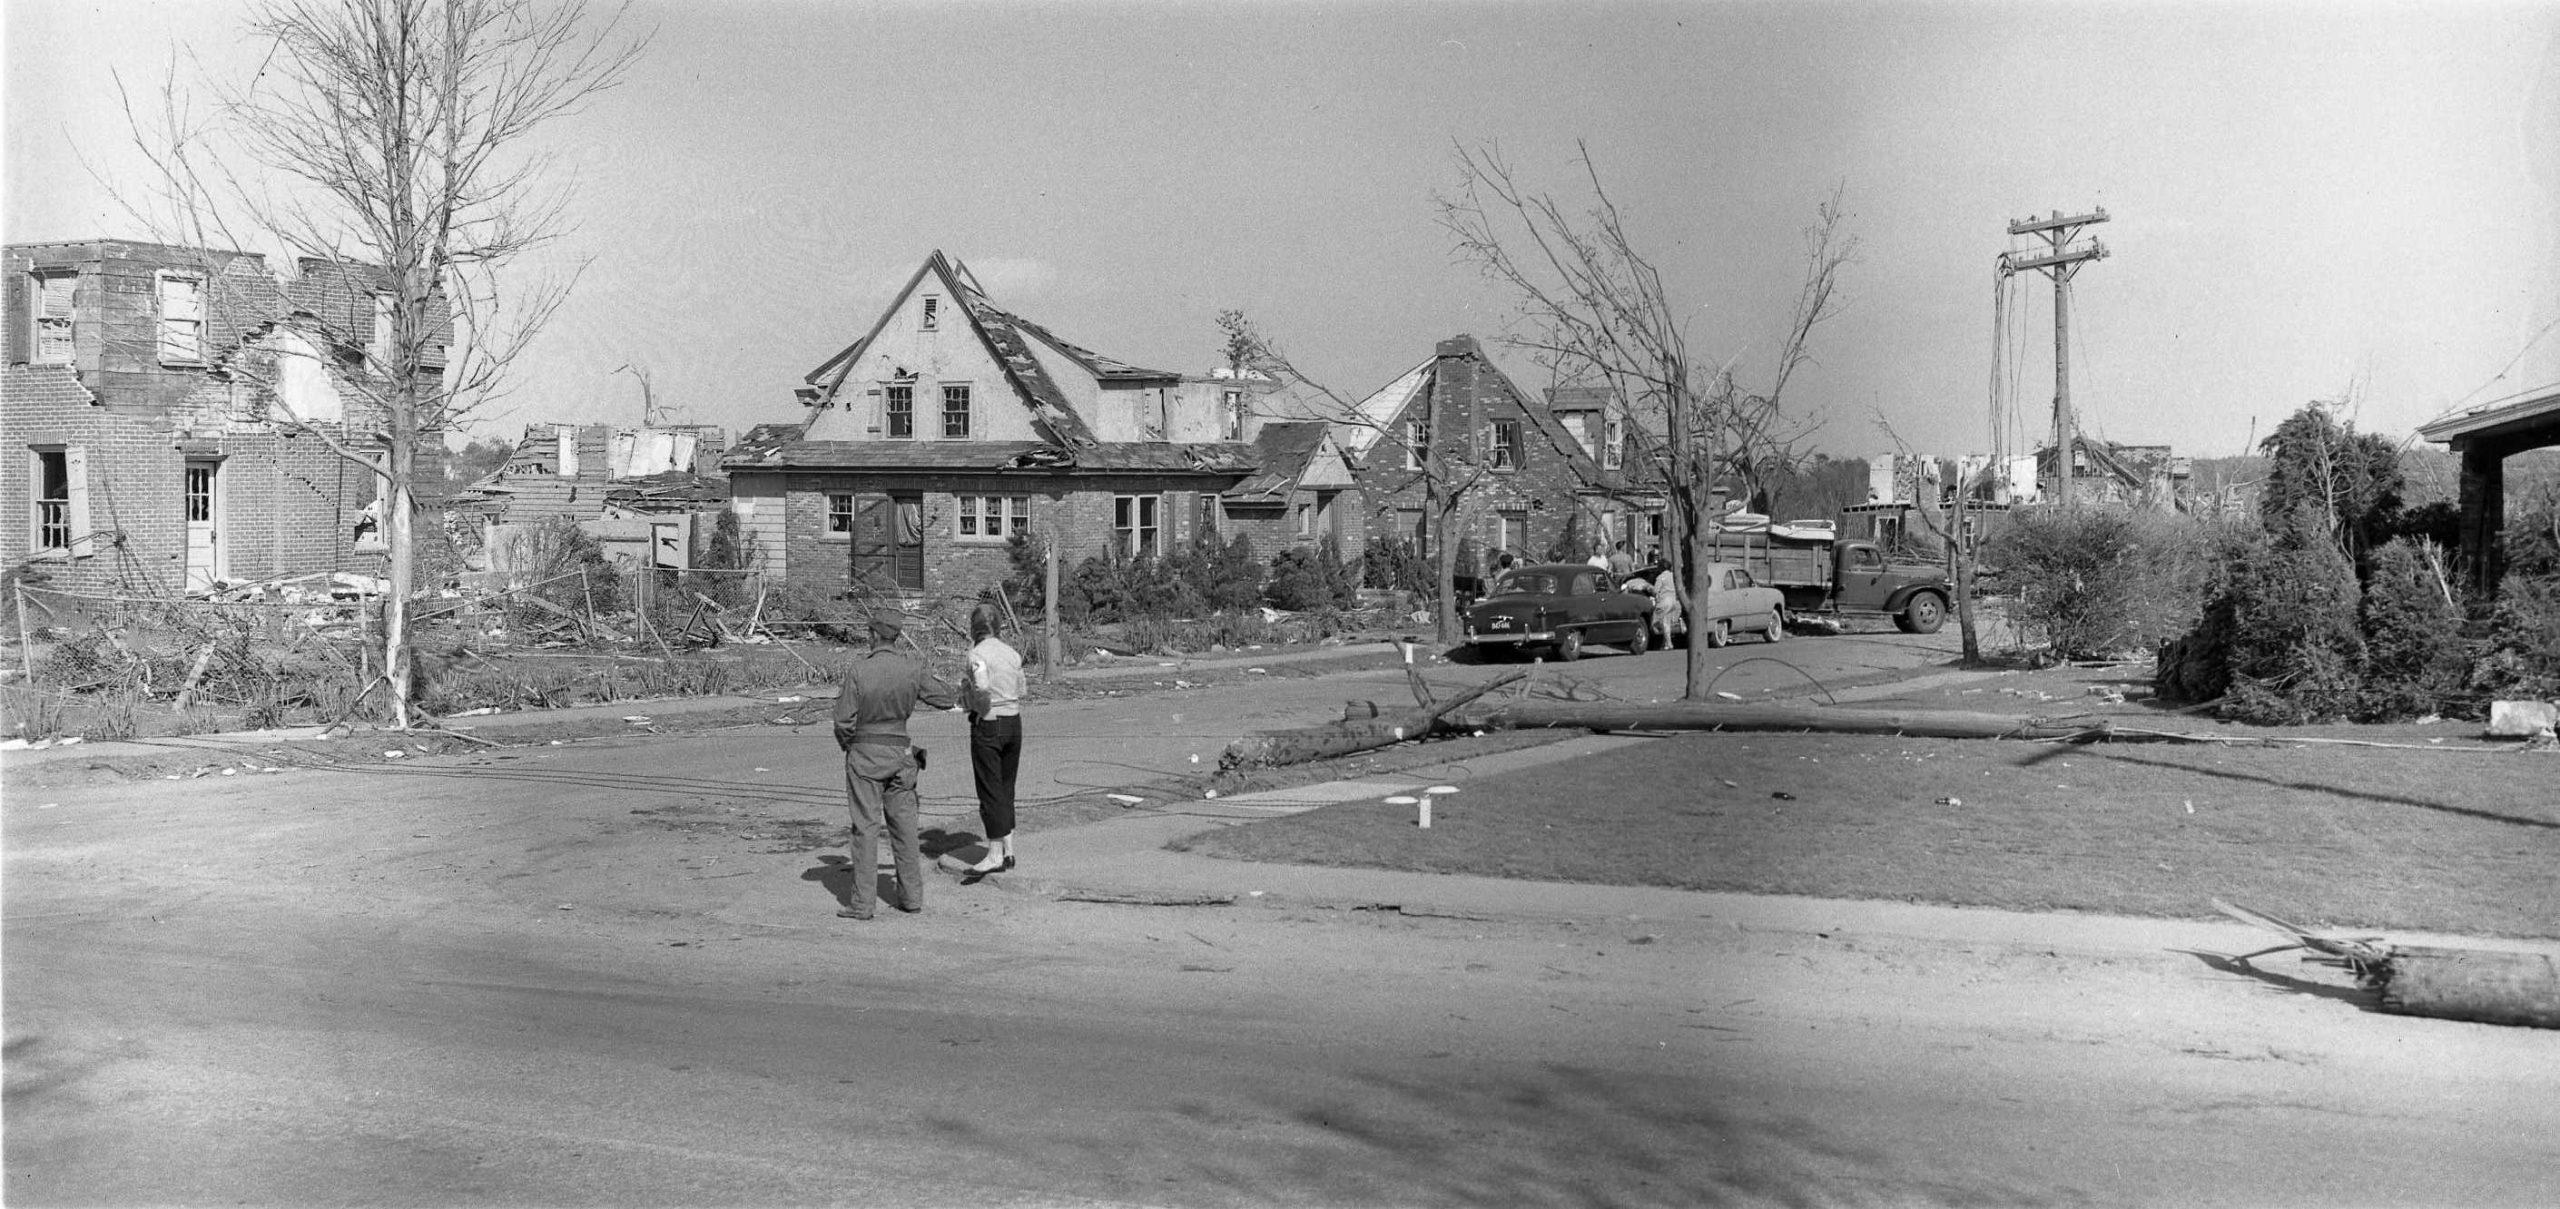 Tornado of 1953